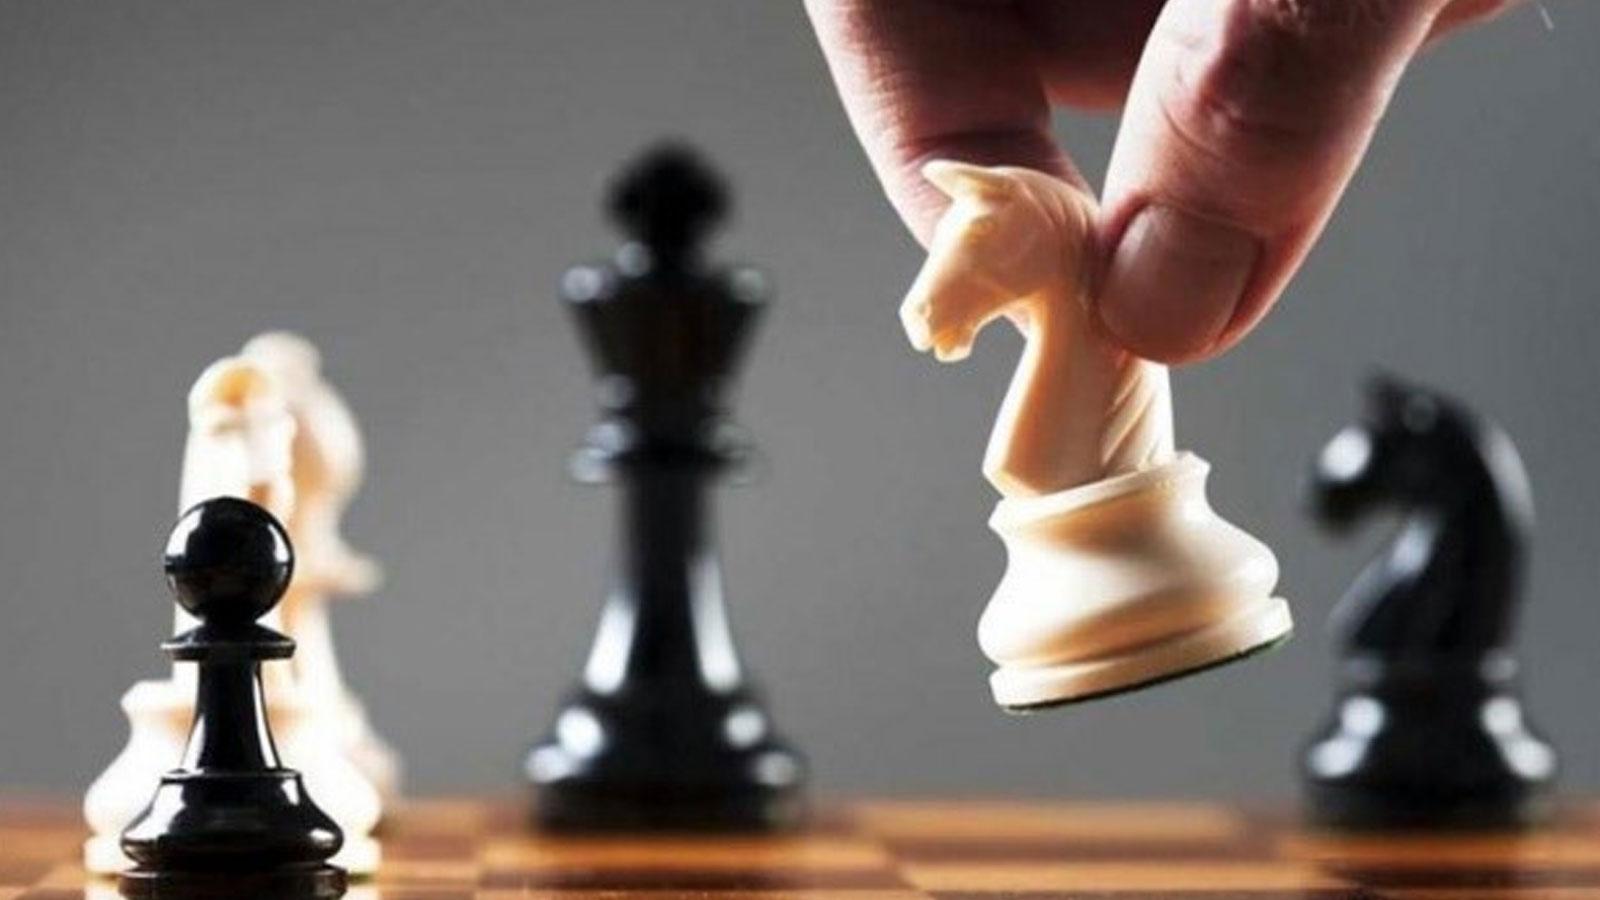 Μαθητής από την Ξάνθη διακρίθηκε στο σκάκι